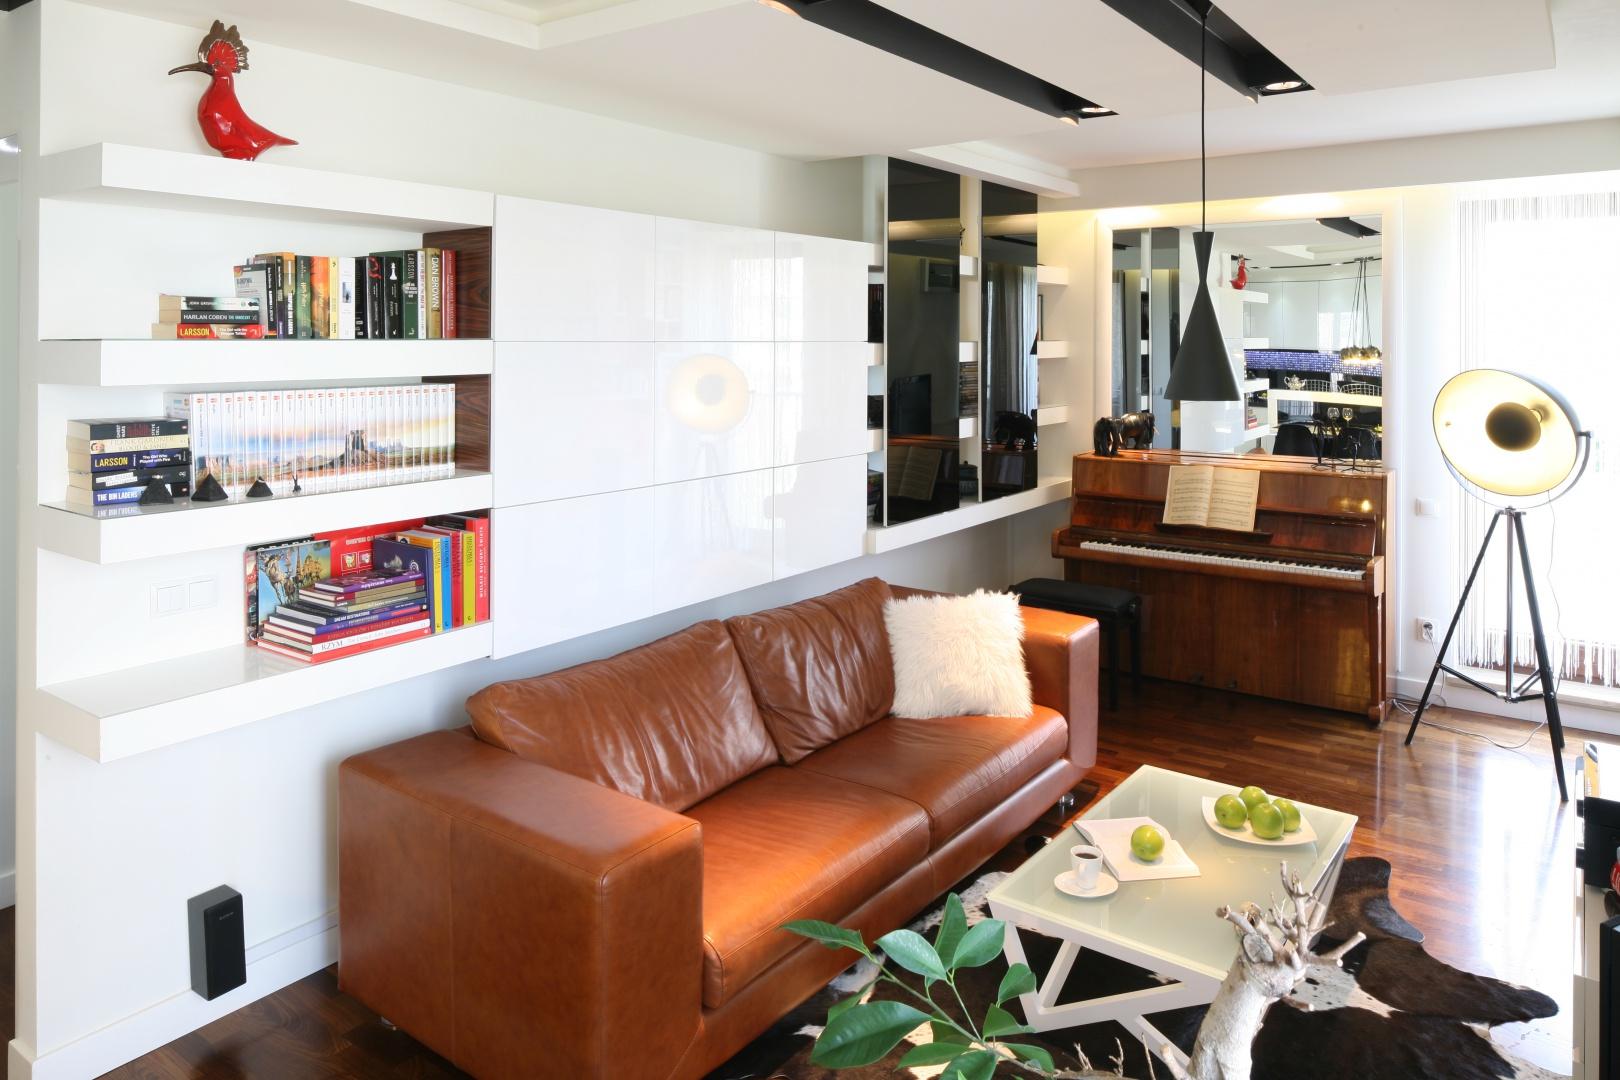 W tym wnętrzu miejsce na książki wygospodarowano nad kanapą. Część szafek jest otwarta, a część zamknięta. Projekt: Małgorzata Mazur. Fot. Bartosz Jarosz